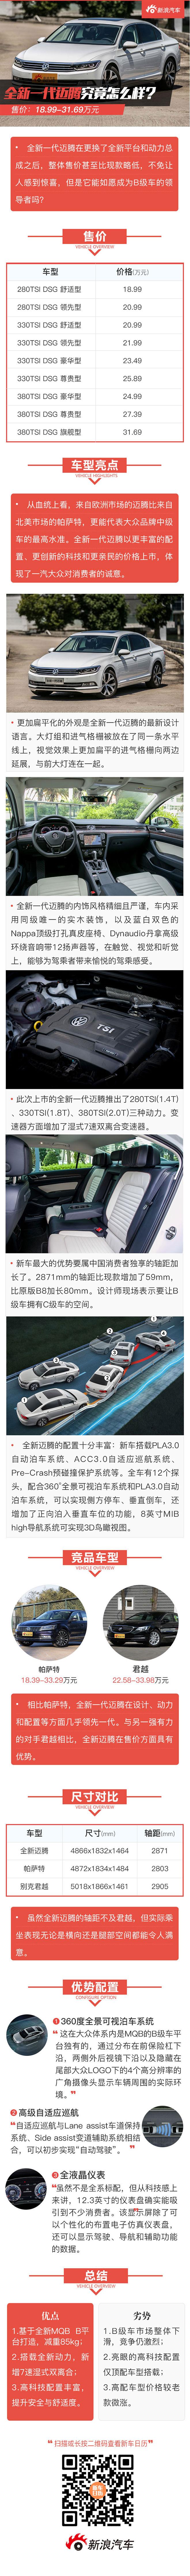 解码新车:全新迈腾能否成为B级车领导者?